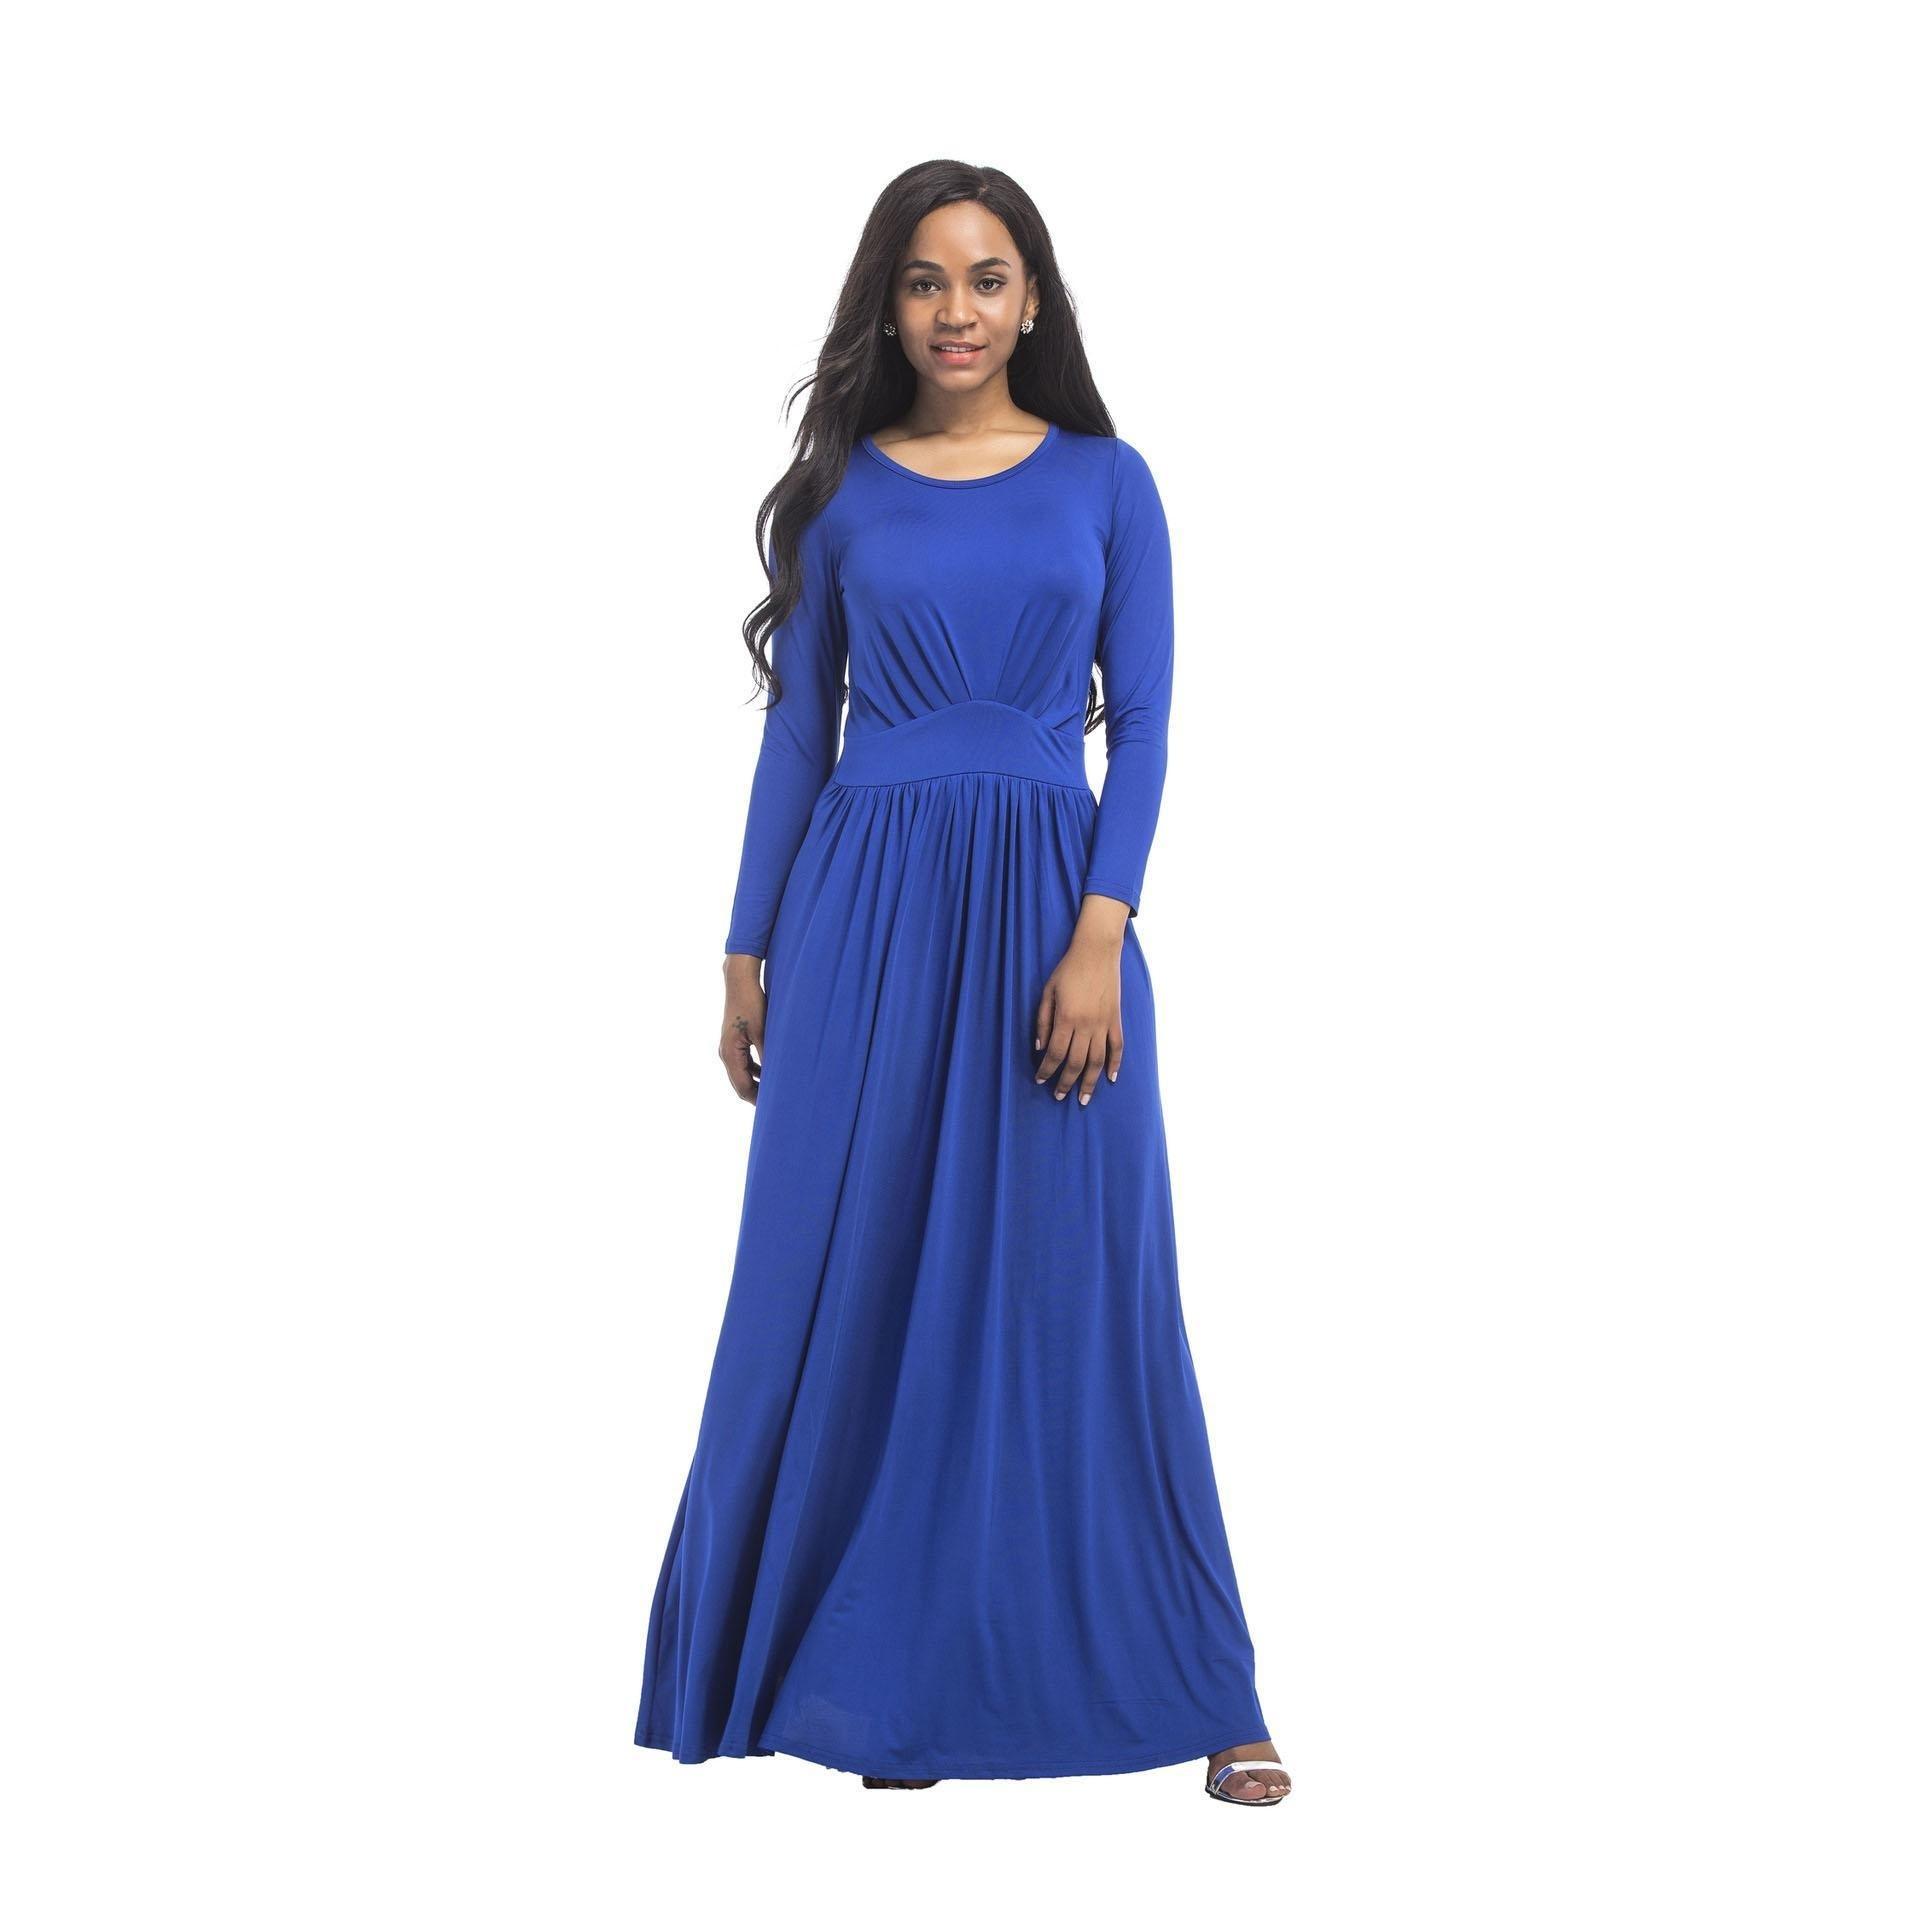 Formal Genial Kleid Lang Blau Bester Preis - Abendkleid